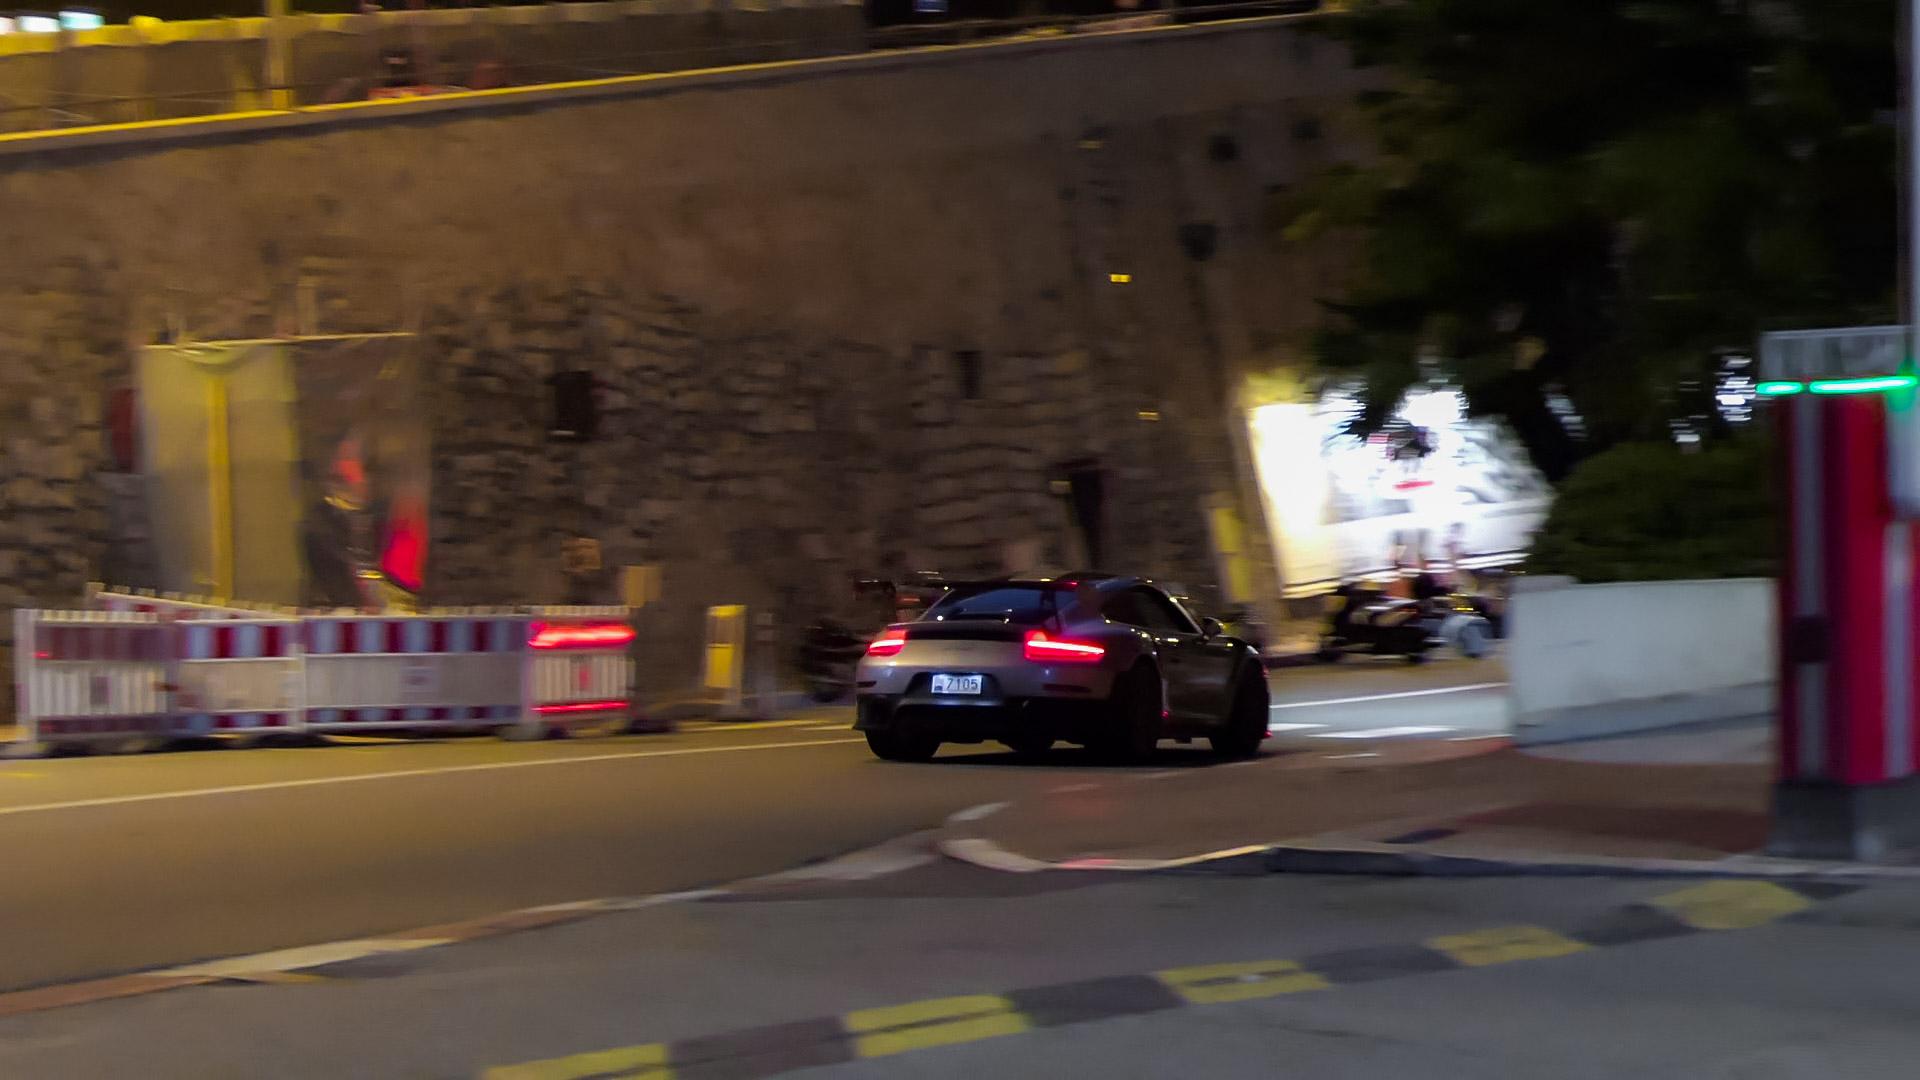 Porsche GT2 RS - 7105 (MC)